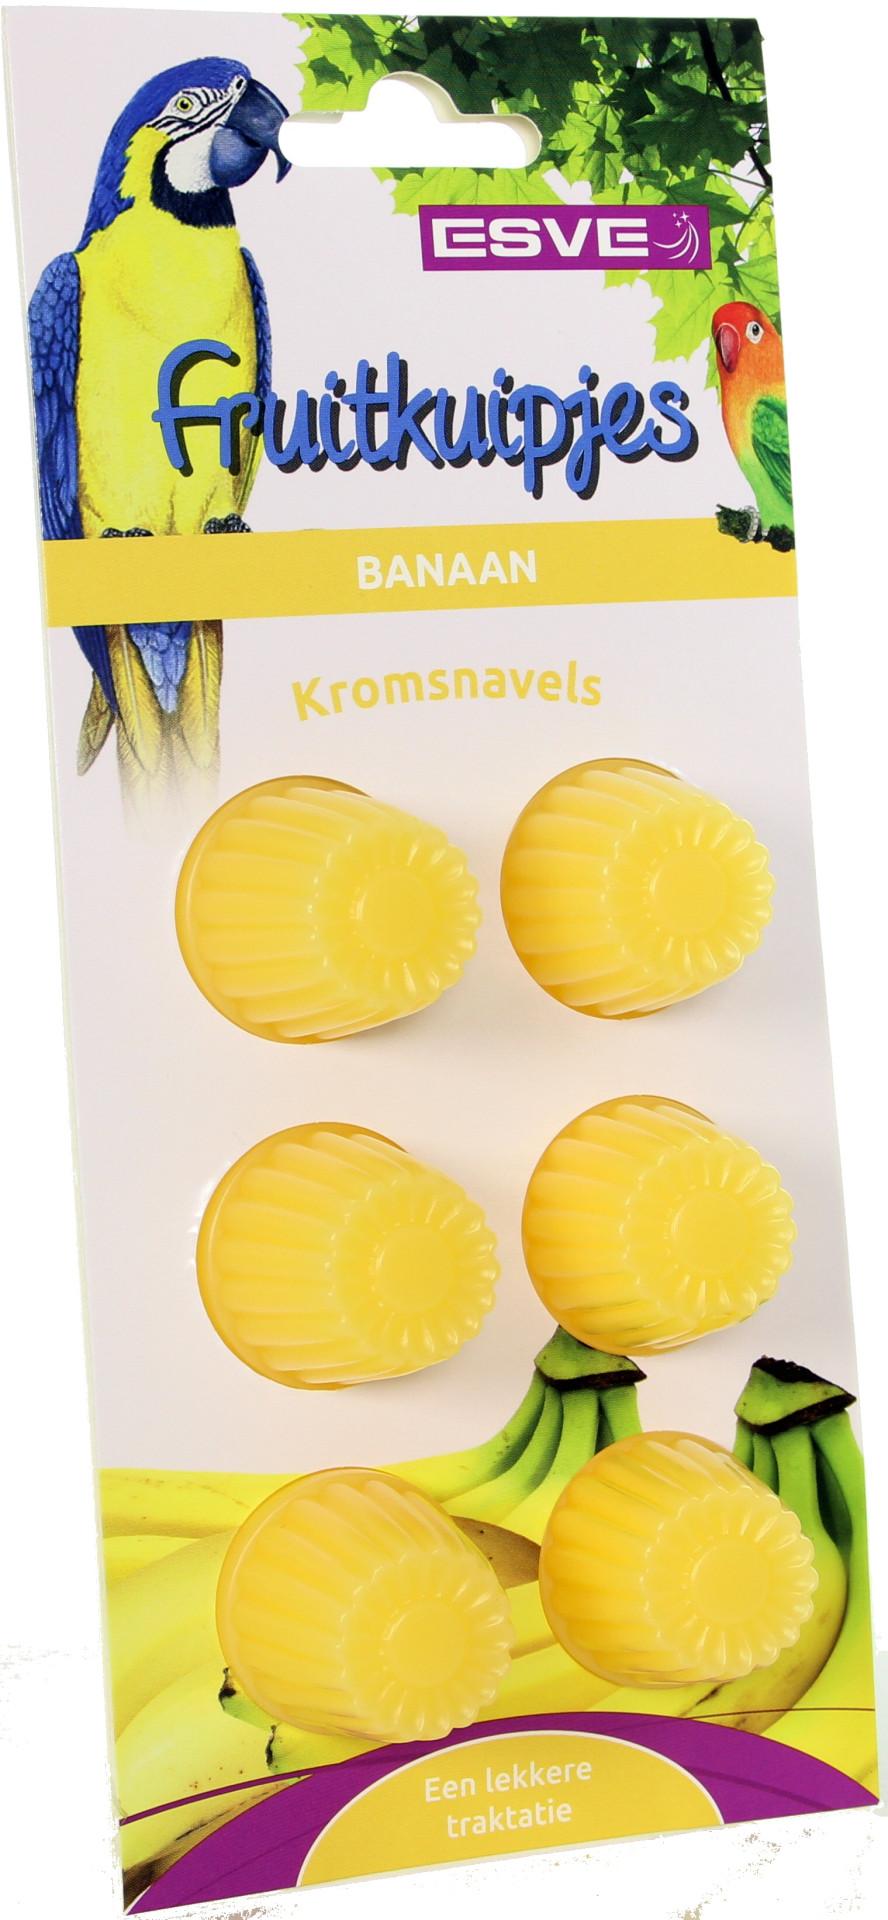 ESVE fruitkuipjes Banaan